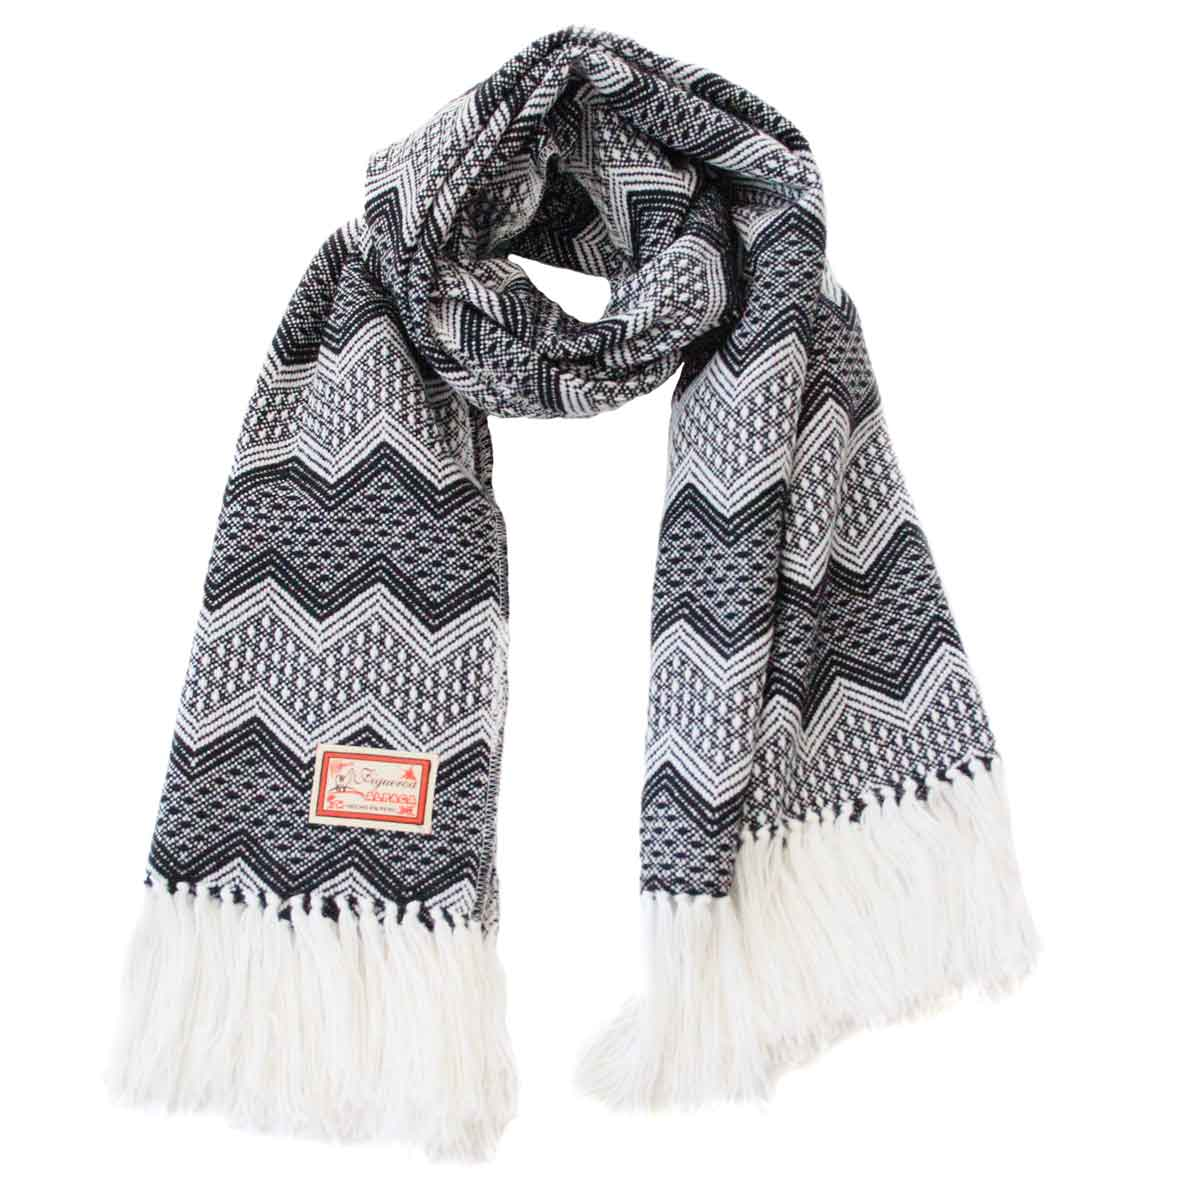 Inka-Products-Châle SAYTU-Noir motifs ethniques